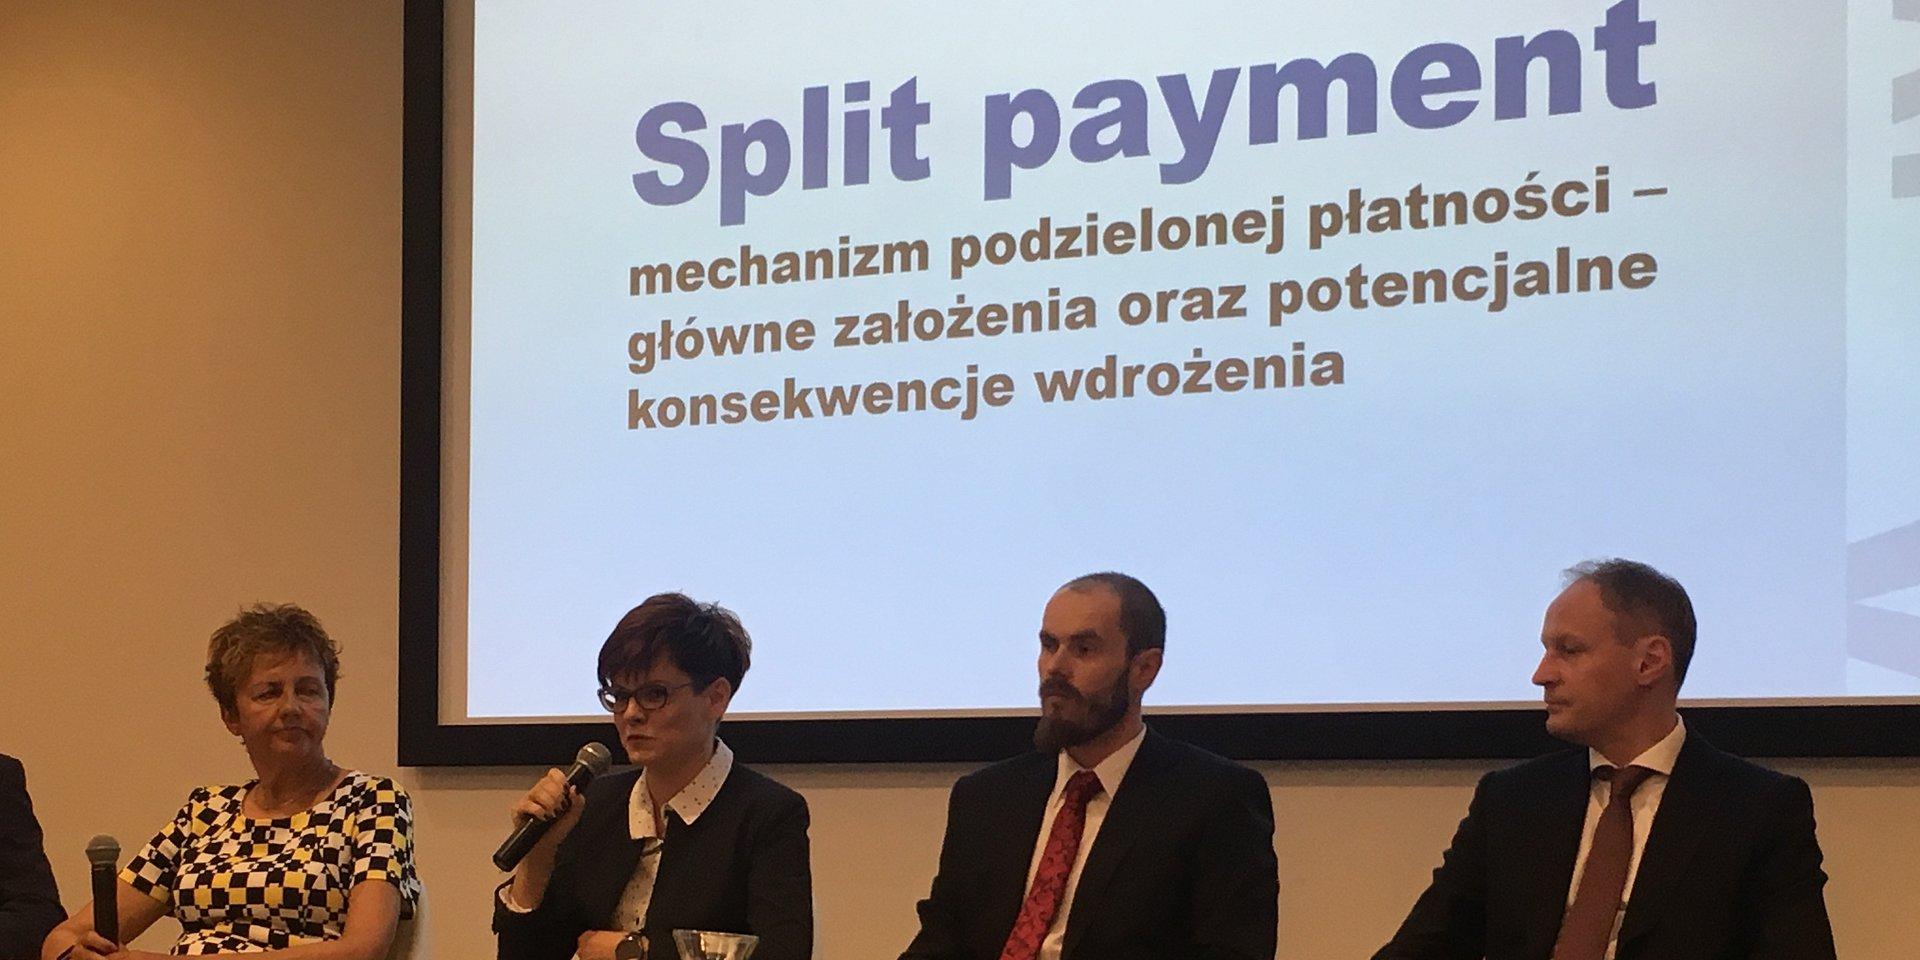 """Adamed Wziął Udział W Debacie """"Split Payment - Mechanizm Podzielonej Płatności - Główne Założenia Oraz Konsekwencje Wdrożenia"""""""